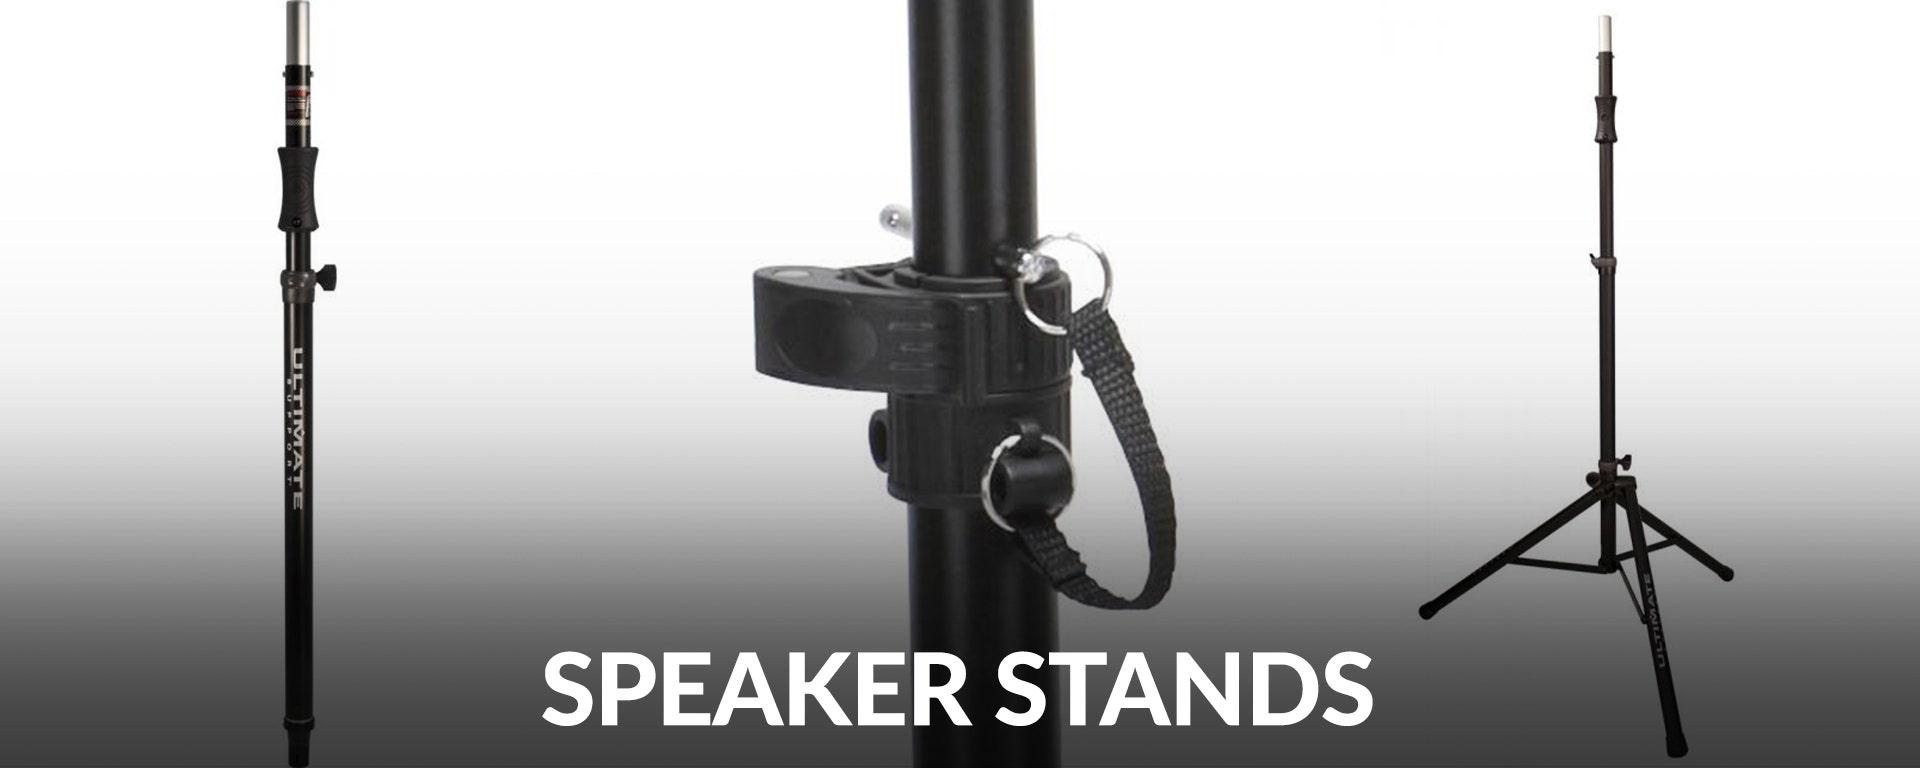 Speaker Stands at SamAsh.com